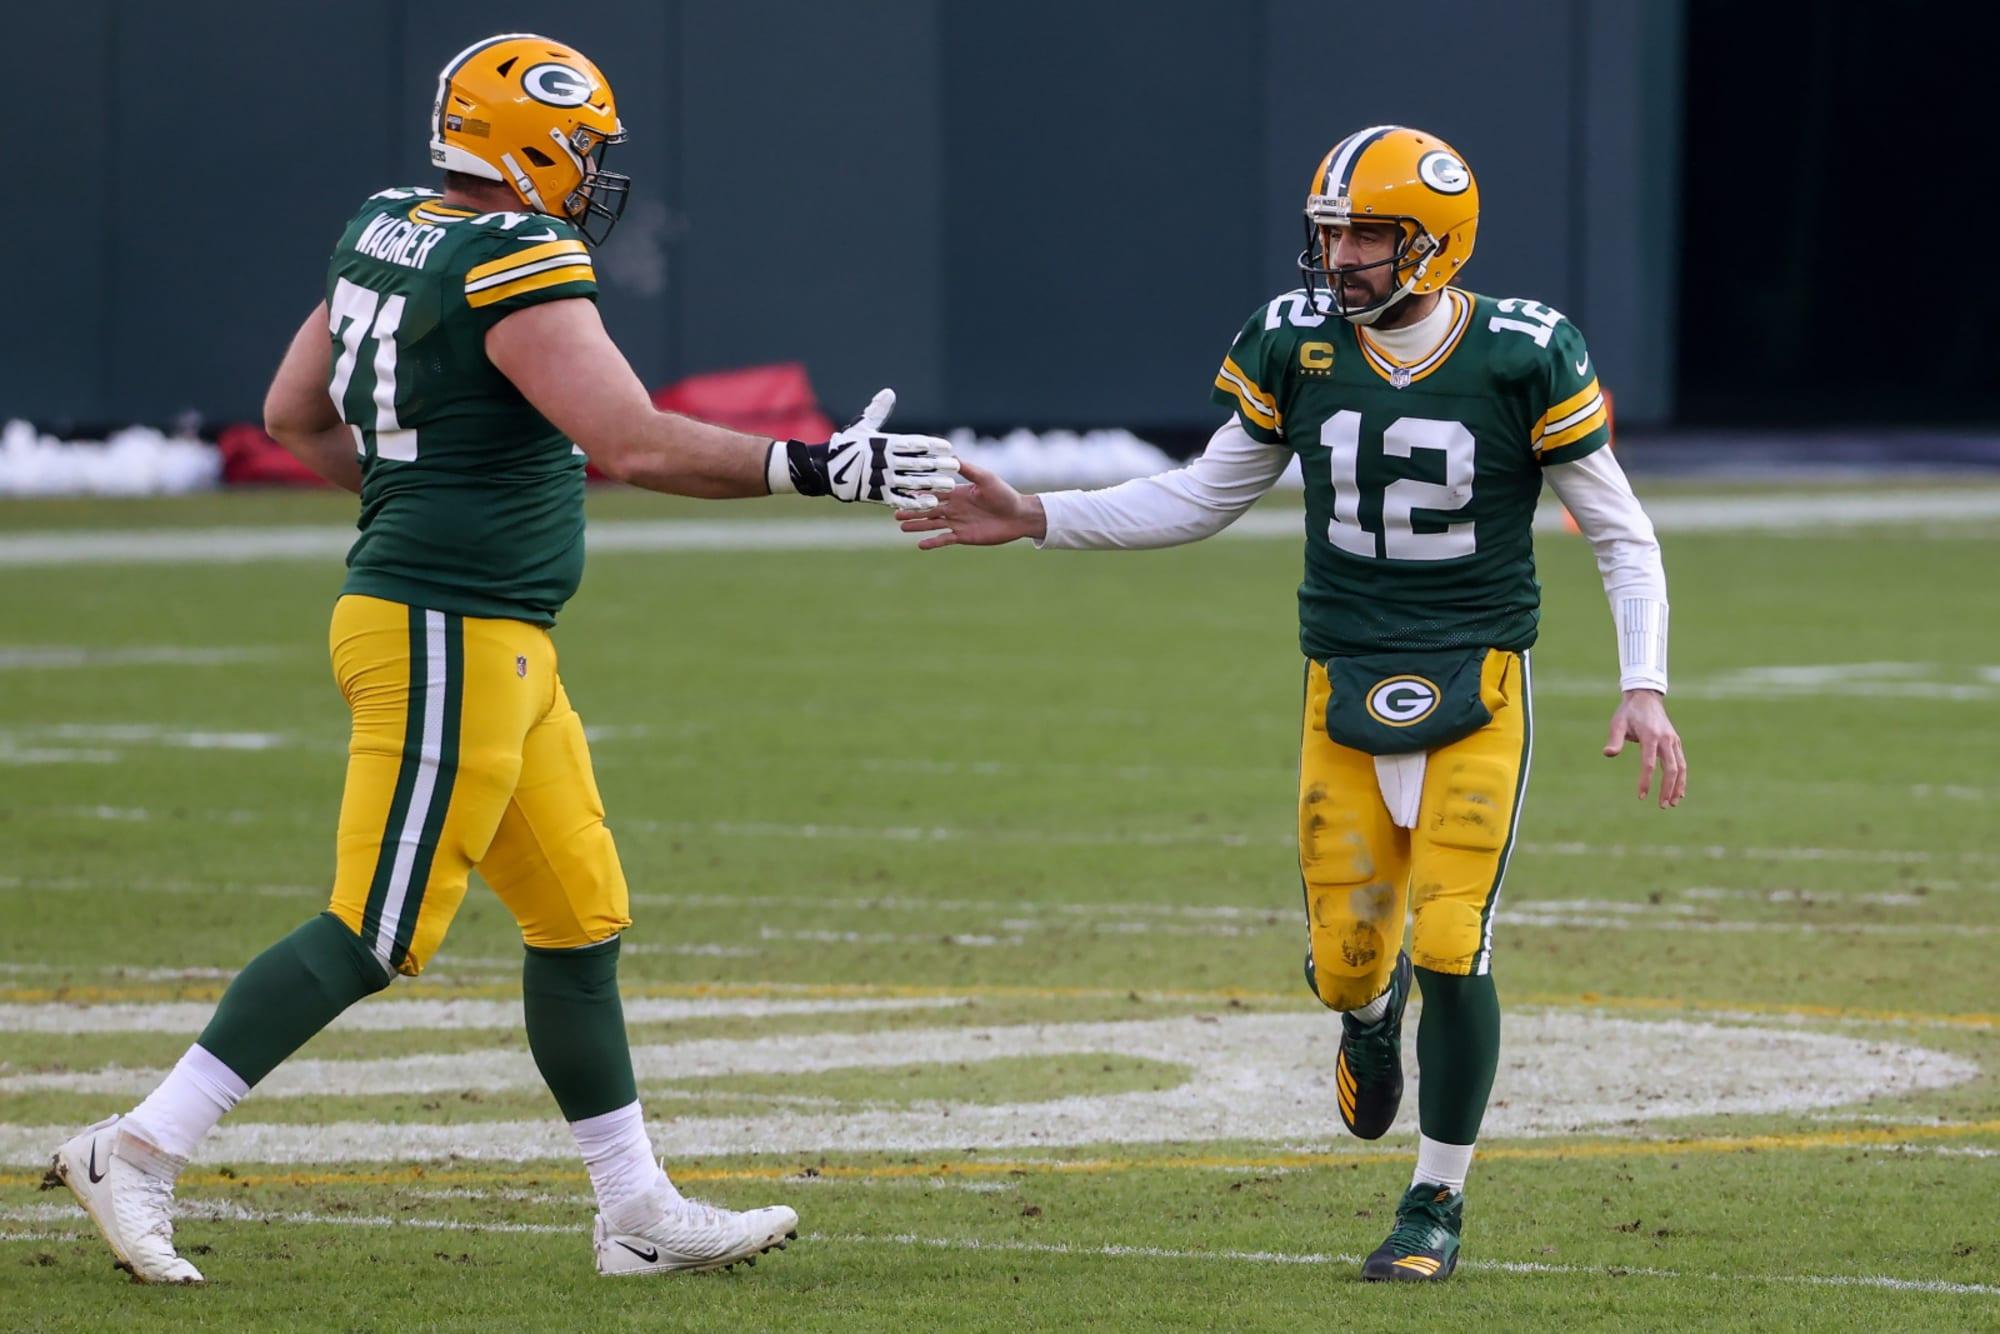 Ian Rapoport tells Packers fans to 'buckle up' regarding Aaron Rodgers